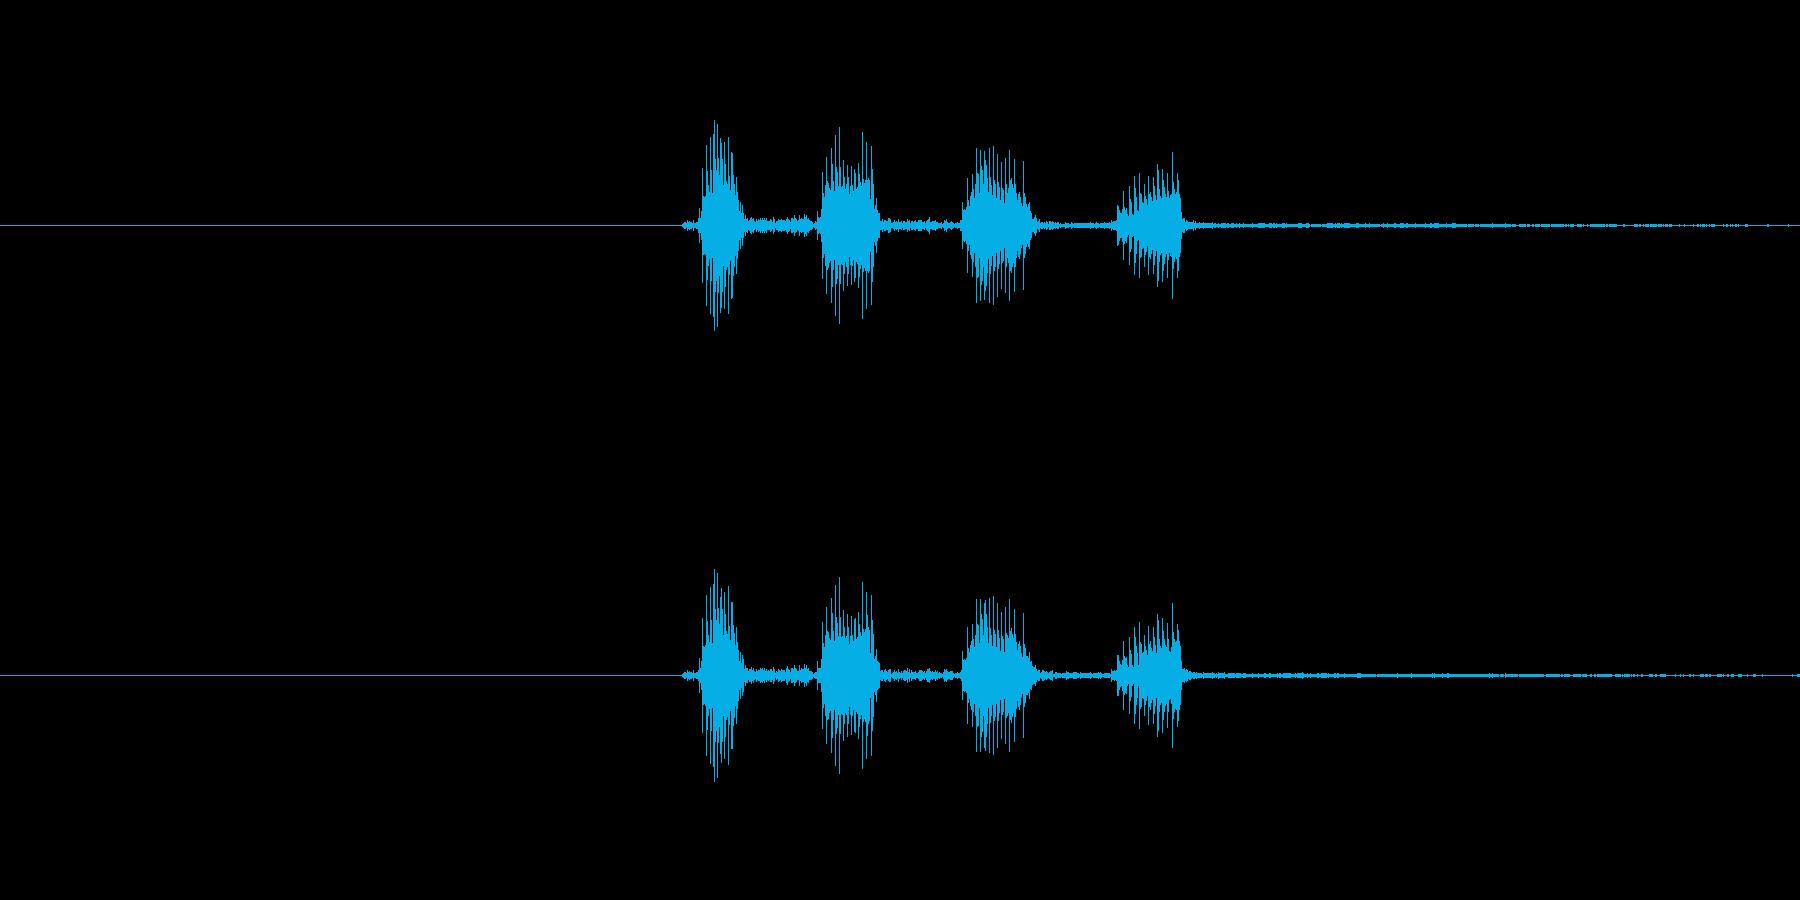 キャラクターの笑い声(キャハハ)高音の再生済みの波形